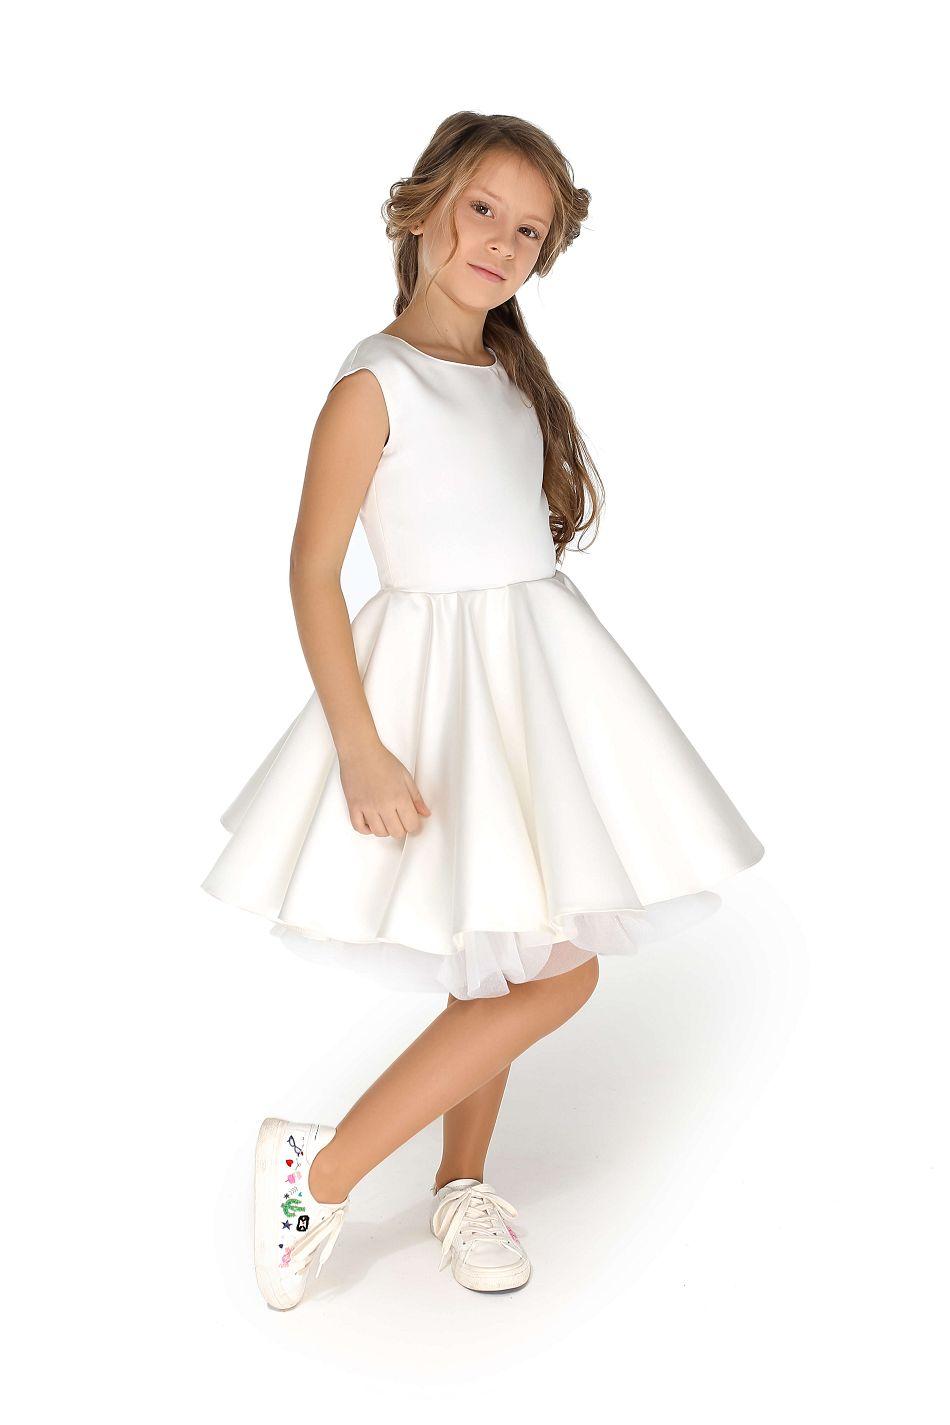 Біла святкова сукня на дівчинку на свято